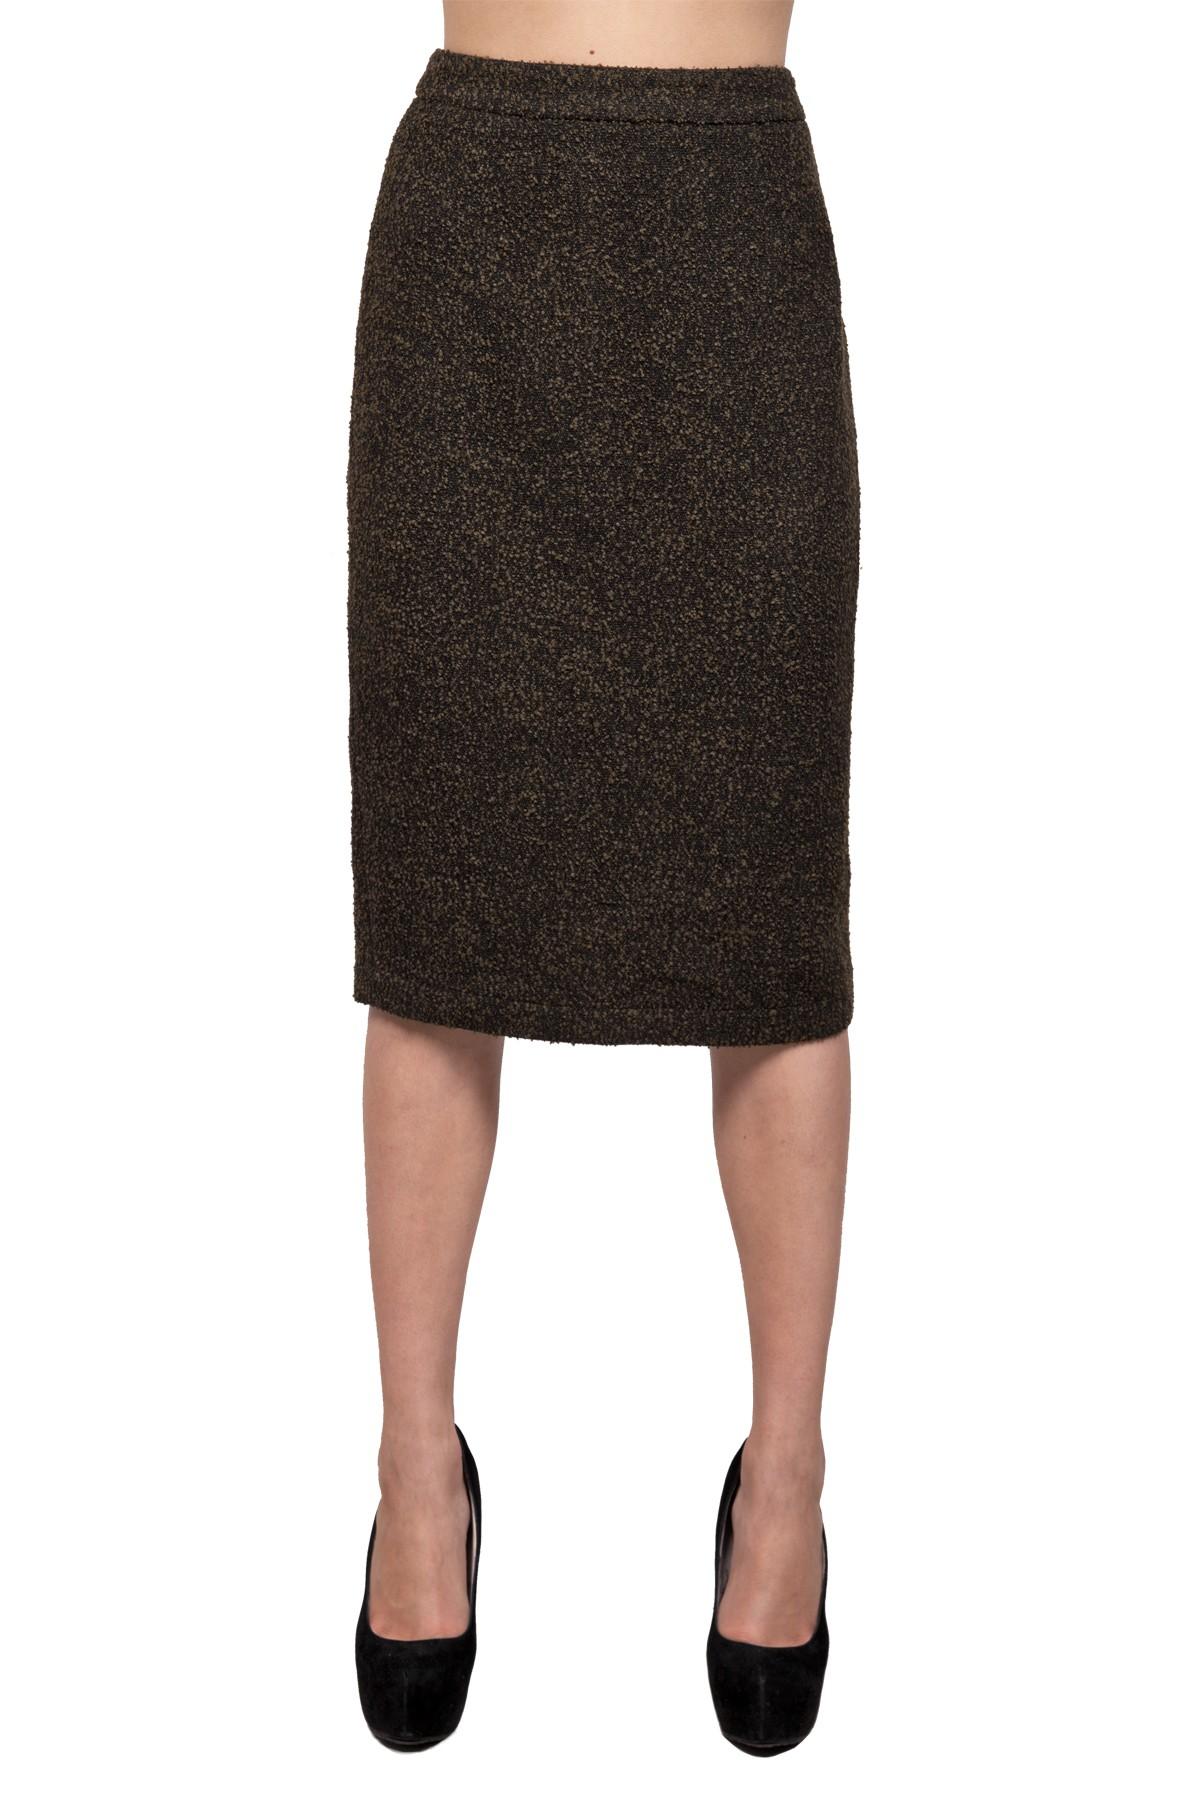 ЮбкаЖенские юбки и брюки<br>Юбка прямого кроя - образец стиля. Юбка с шлицей дополнена застежкой на молнию. Мягкая  ткань букле обеспечивает комфорт и долговечность.<br><br>Цвет: хаки<br>Состав: ткань1-30%шерсть, 30%полиэстер, 30%акрил, 10%полиамид, ткань2-100%полиэстер, подкладка -54%полиэстер, 46%вискоза<br>Размер: 40,42,44,46,48,50,52,54,56,58,60<br>Страна дизайна: Россия<br>Страна производства: Россия